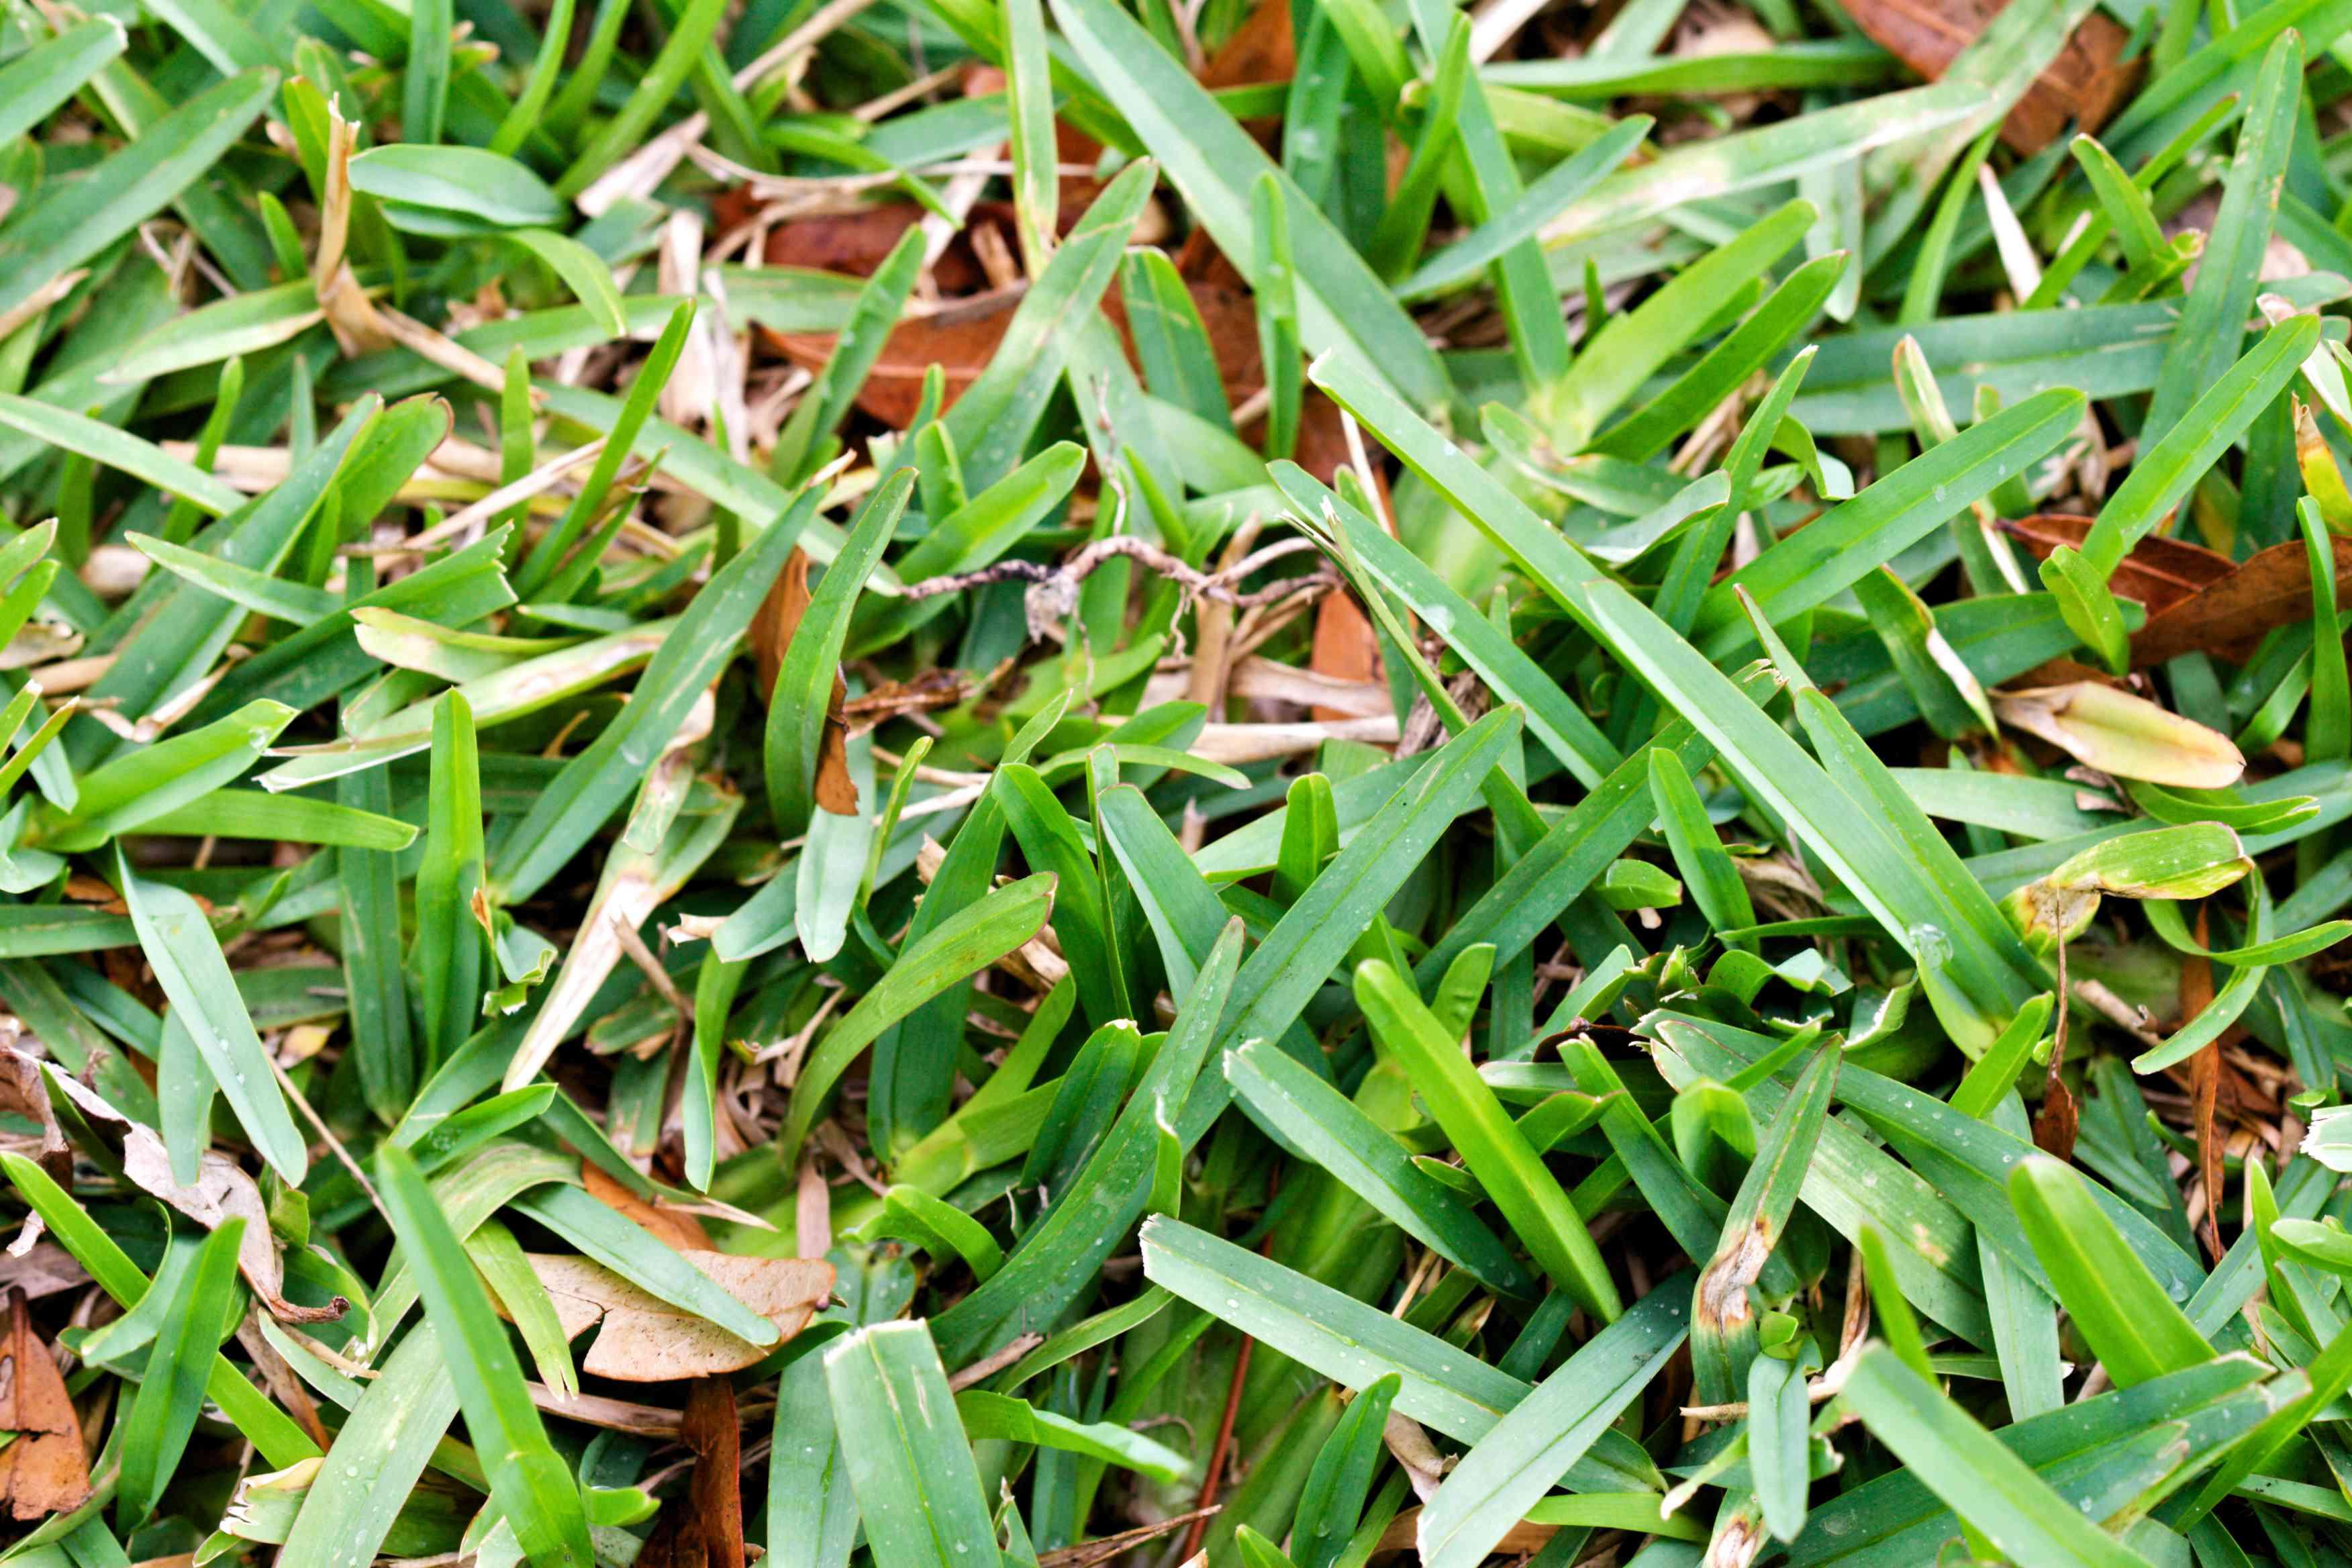 A close up shot of short, green grass